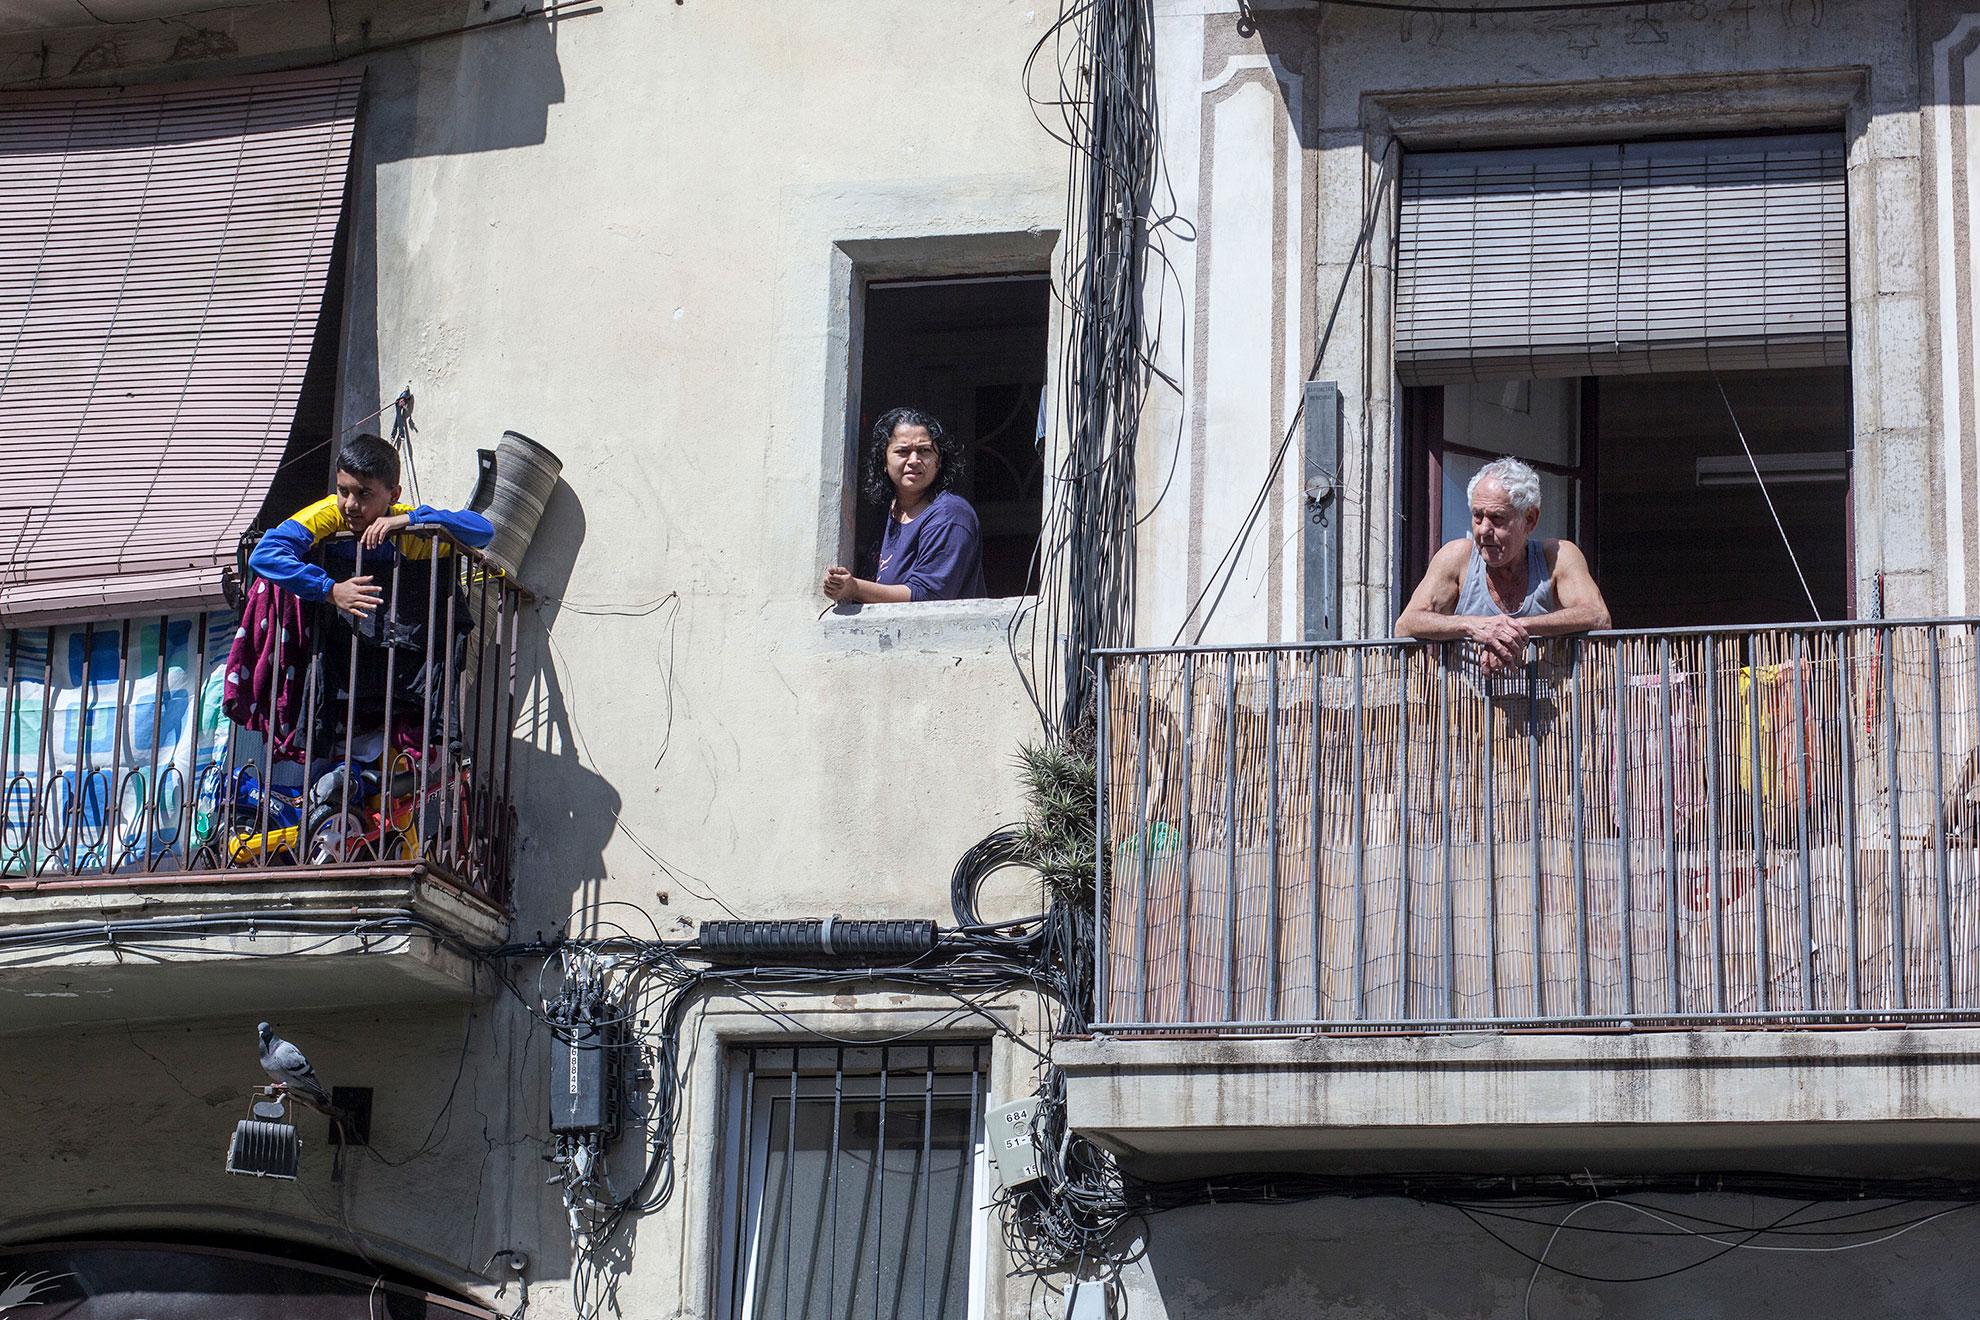 Algunas personas frente a las ventanas y balcones de Barcelona, España, 2020. Para la mayoría de las personas, el nuevo coronavirus causa solo síntomas leves o moderados. Para algunos, puede causar enfermedades más graves, especialmente en adultos mayores y personas con problemas de salud existentes, el gobierno español declaró el estado de alerta y confinamiento en el hogar debido al brote de COVID19 el viernes 13.